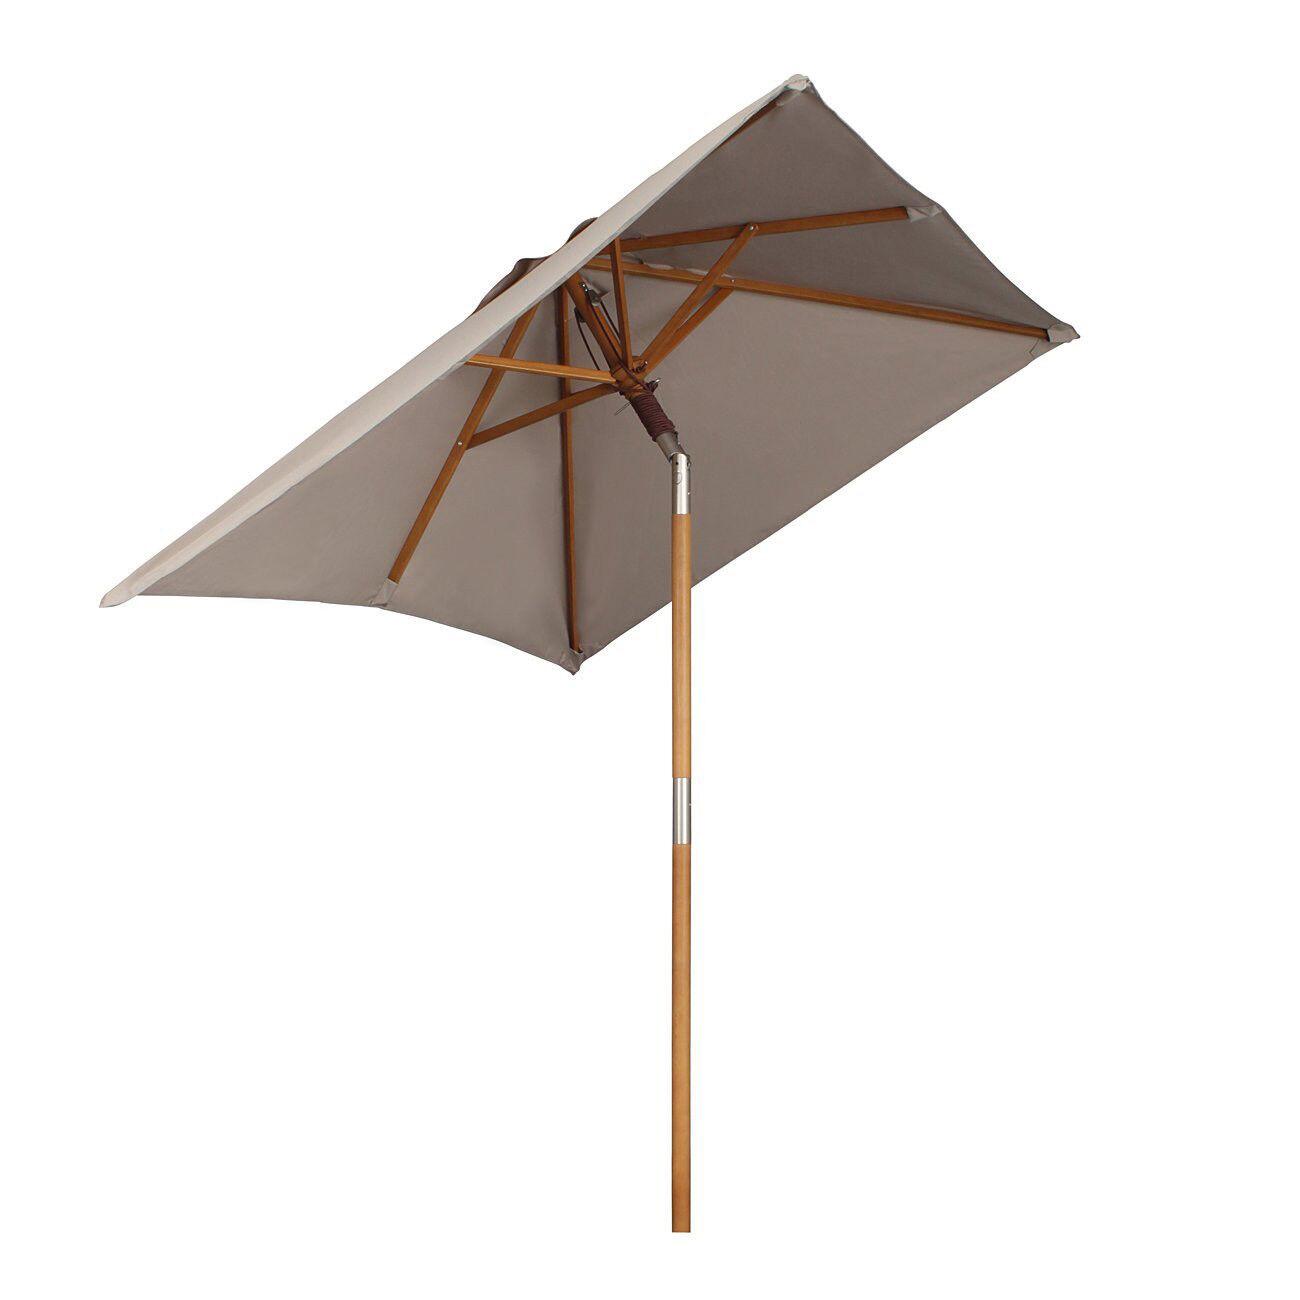 2 x 1,5m OMBRELLONE LEGNO PROTEZIONE SOLARE mercato ombrello paese CASA GIARDINO OMBRELLONE OMBRELLO